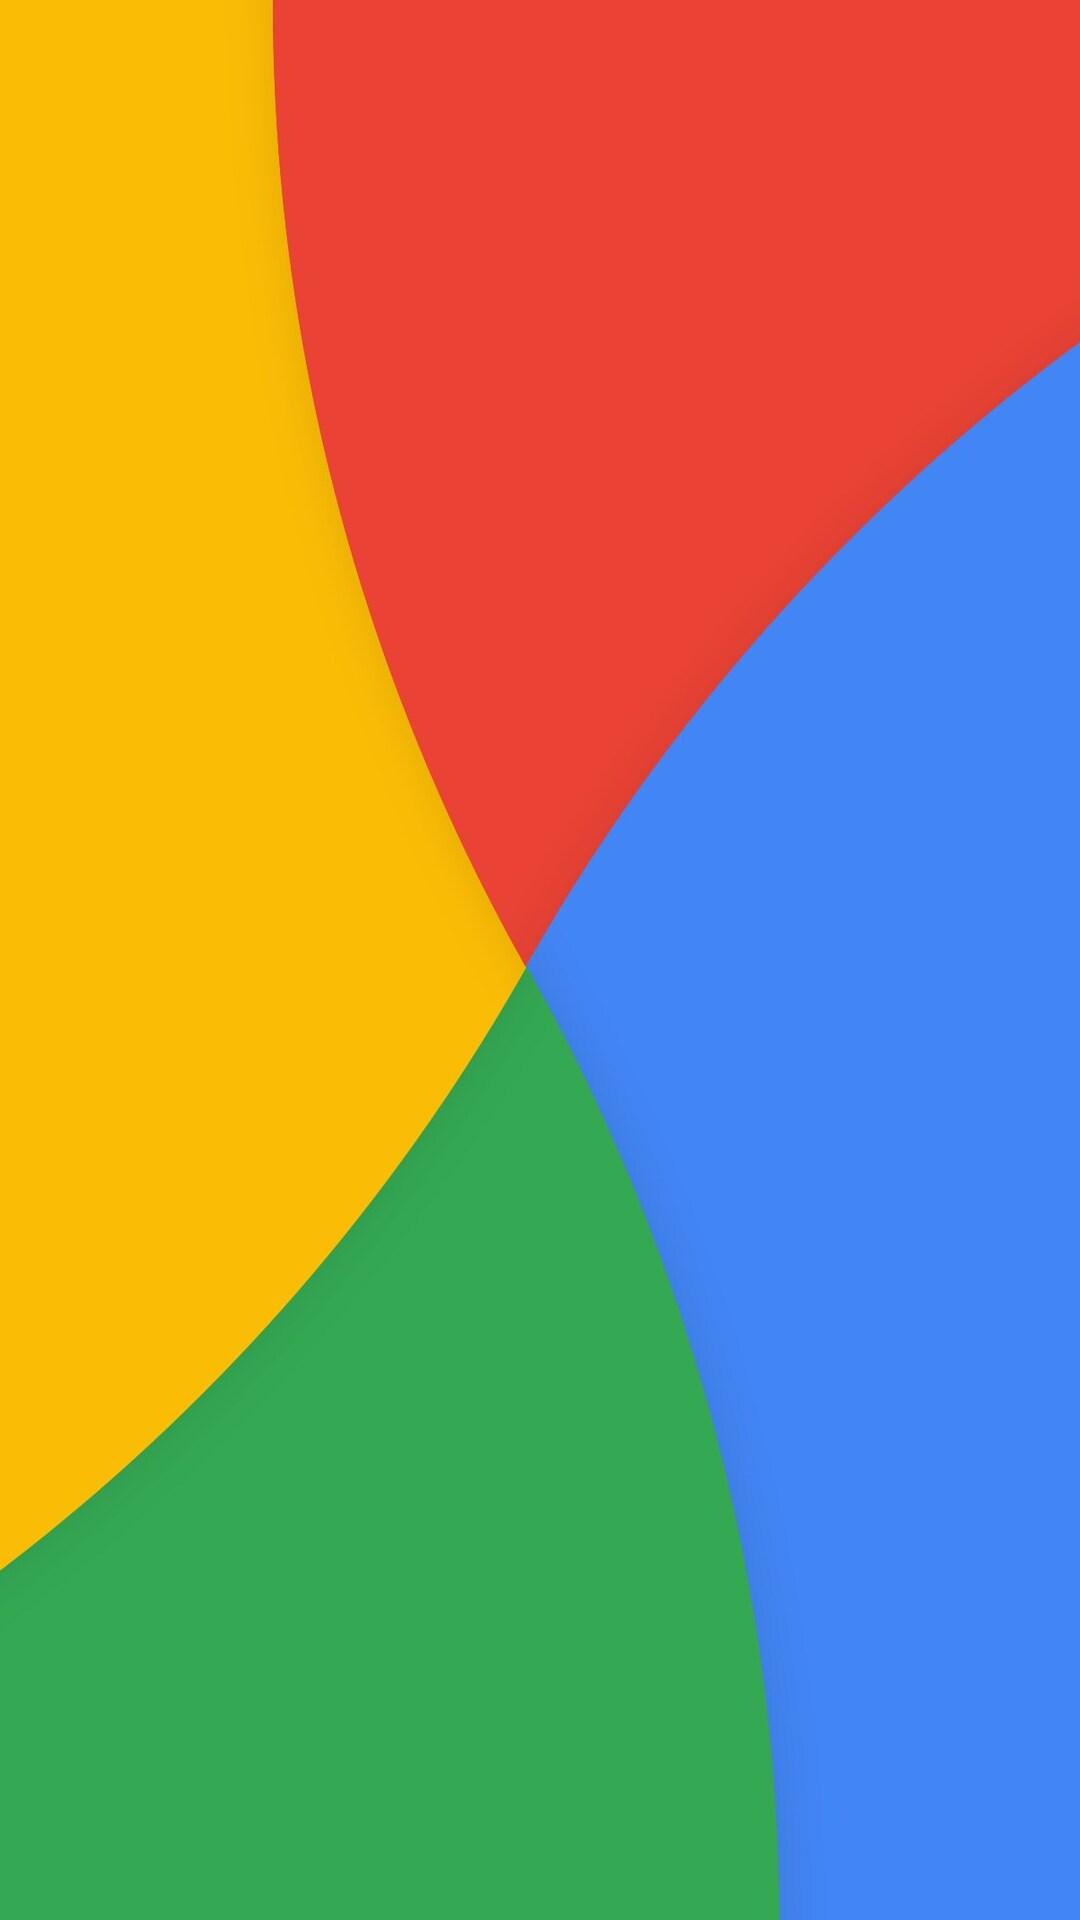 1080x1920 Google Original Material Iphone 7,6s,6 Plus ...